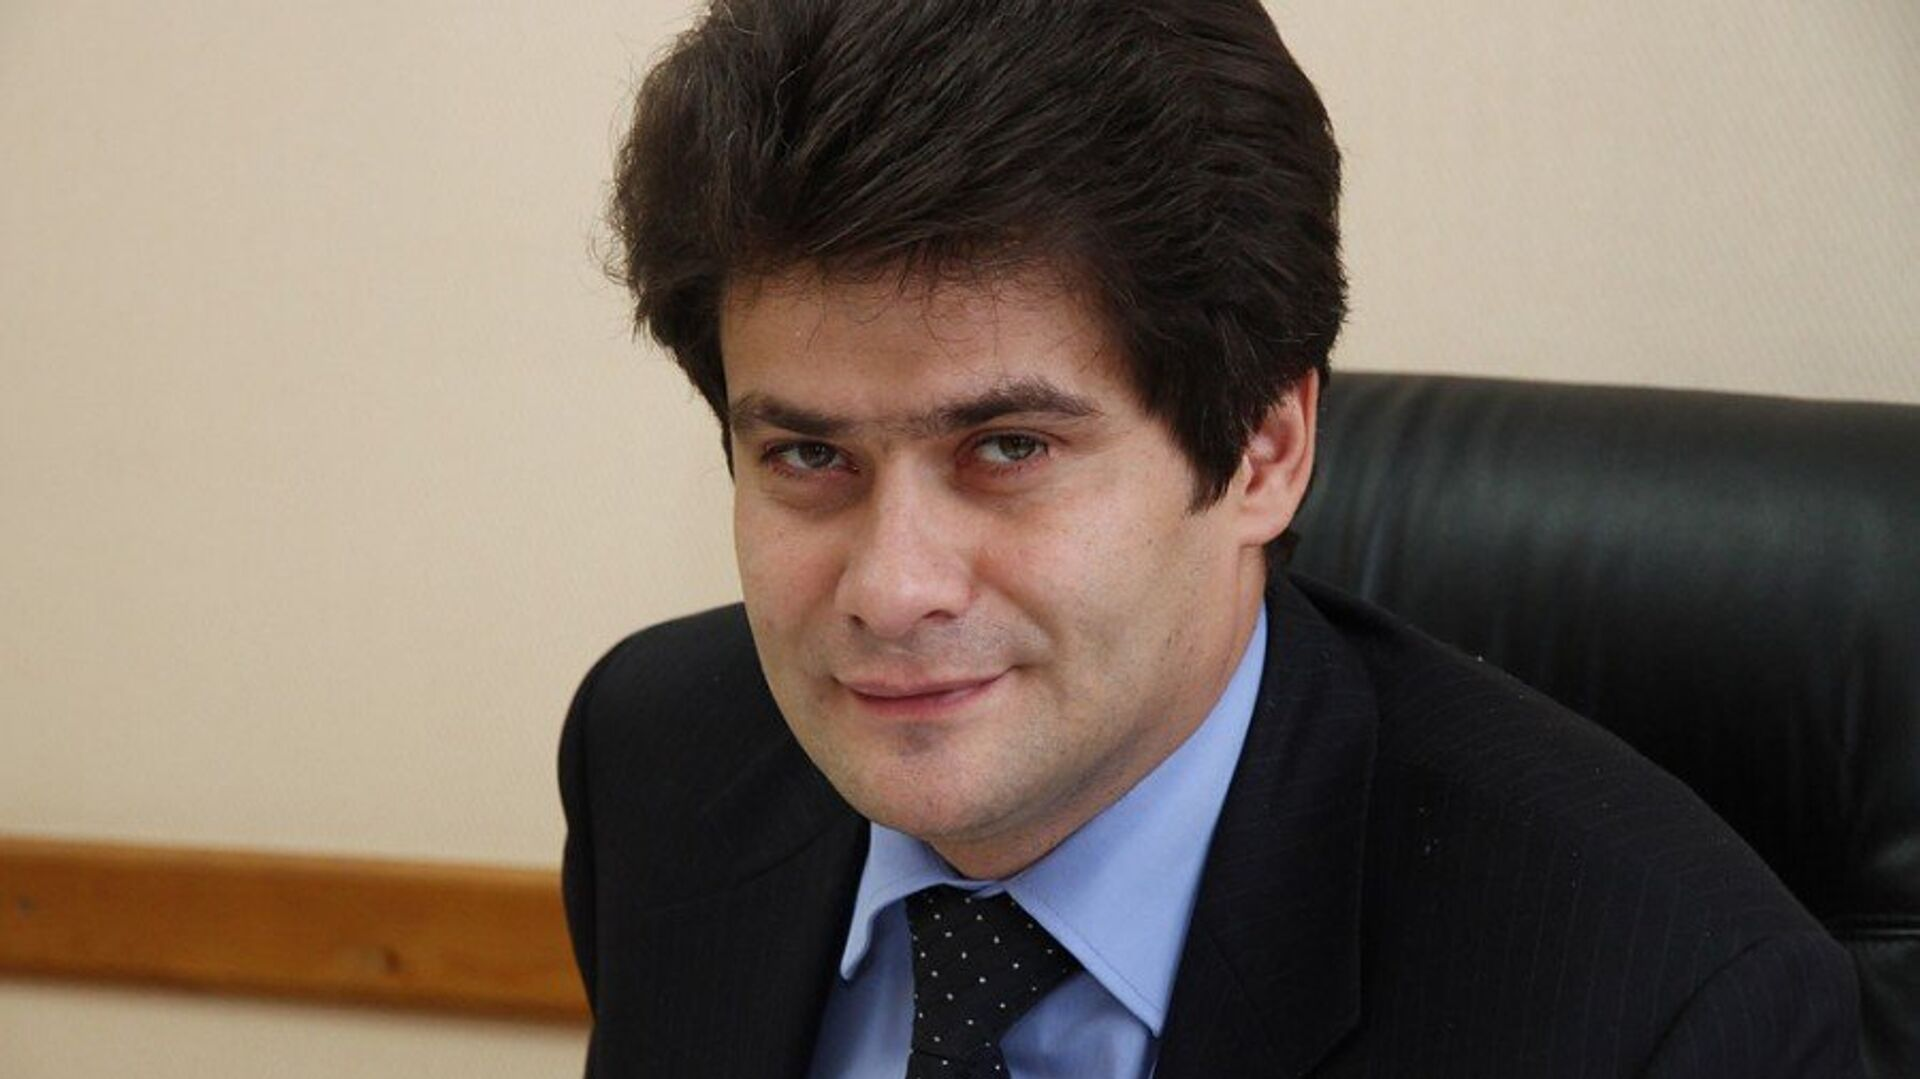 В мэрии отказались комментировать слухи об отставке главы Екатеринбурга